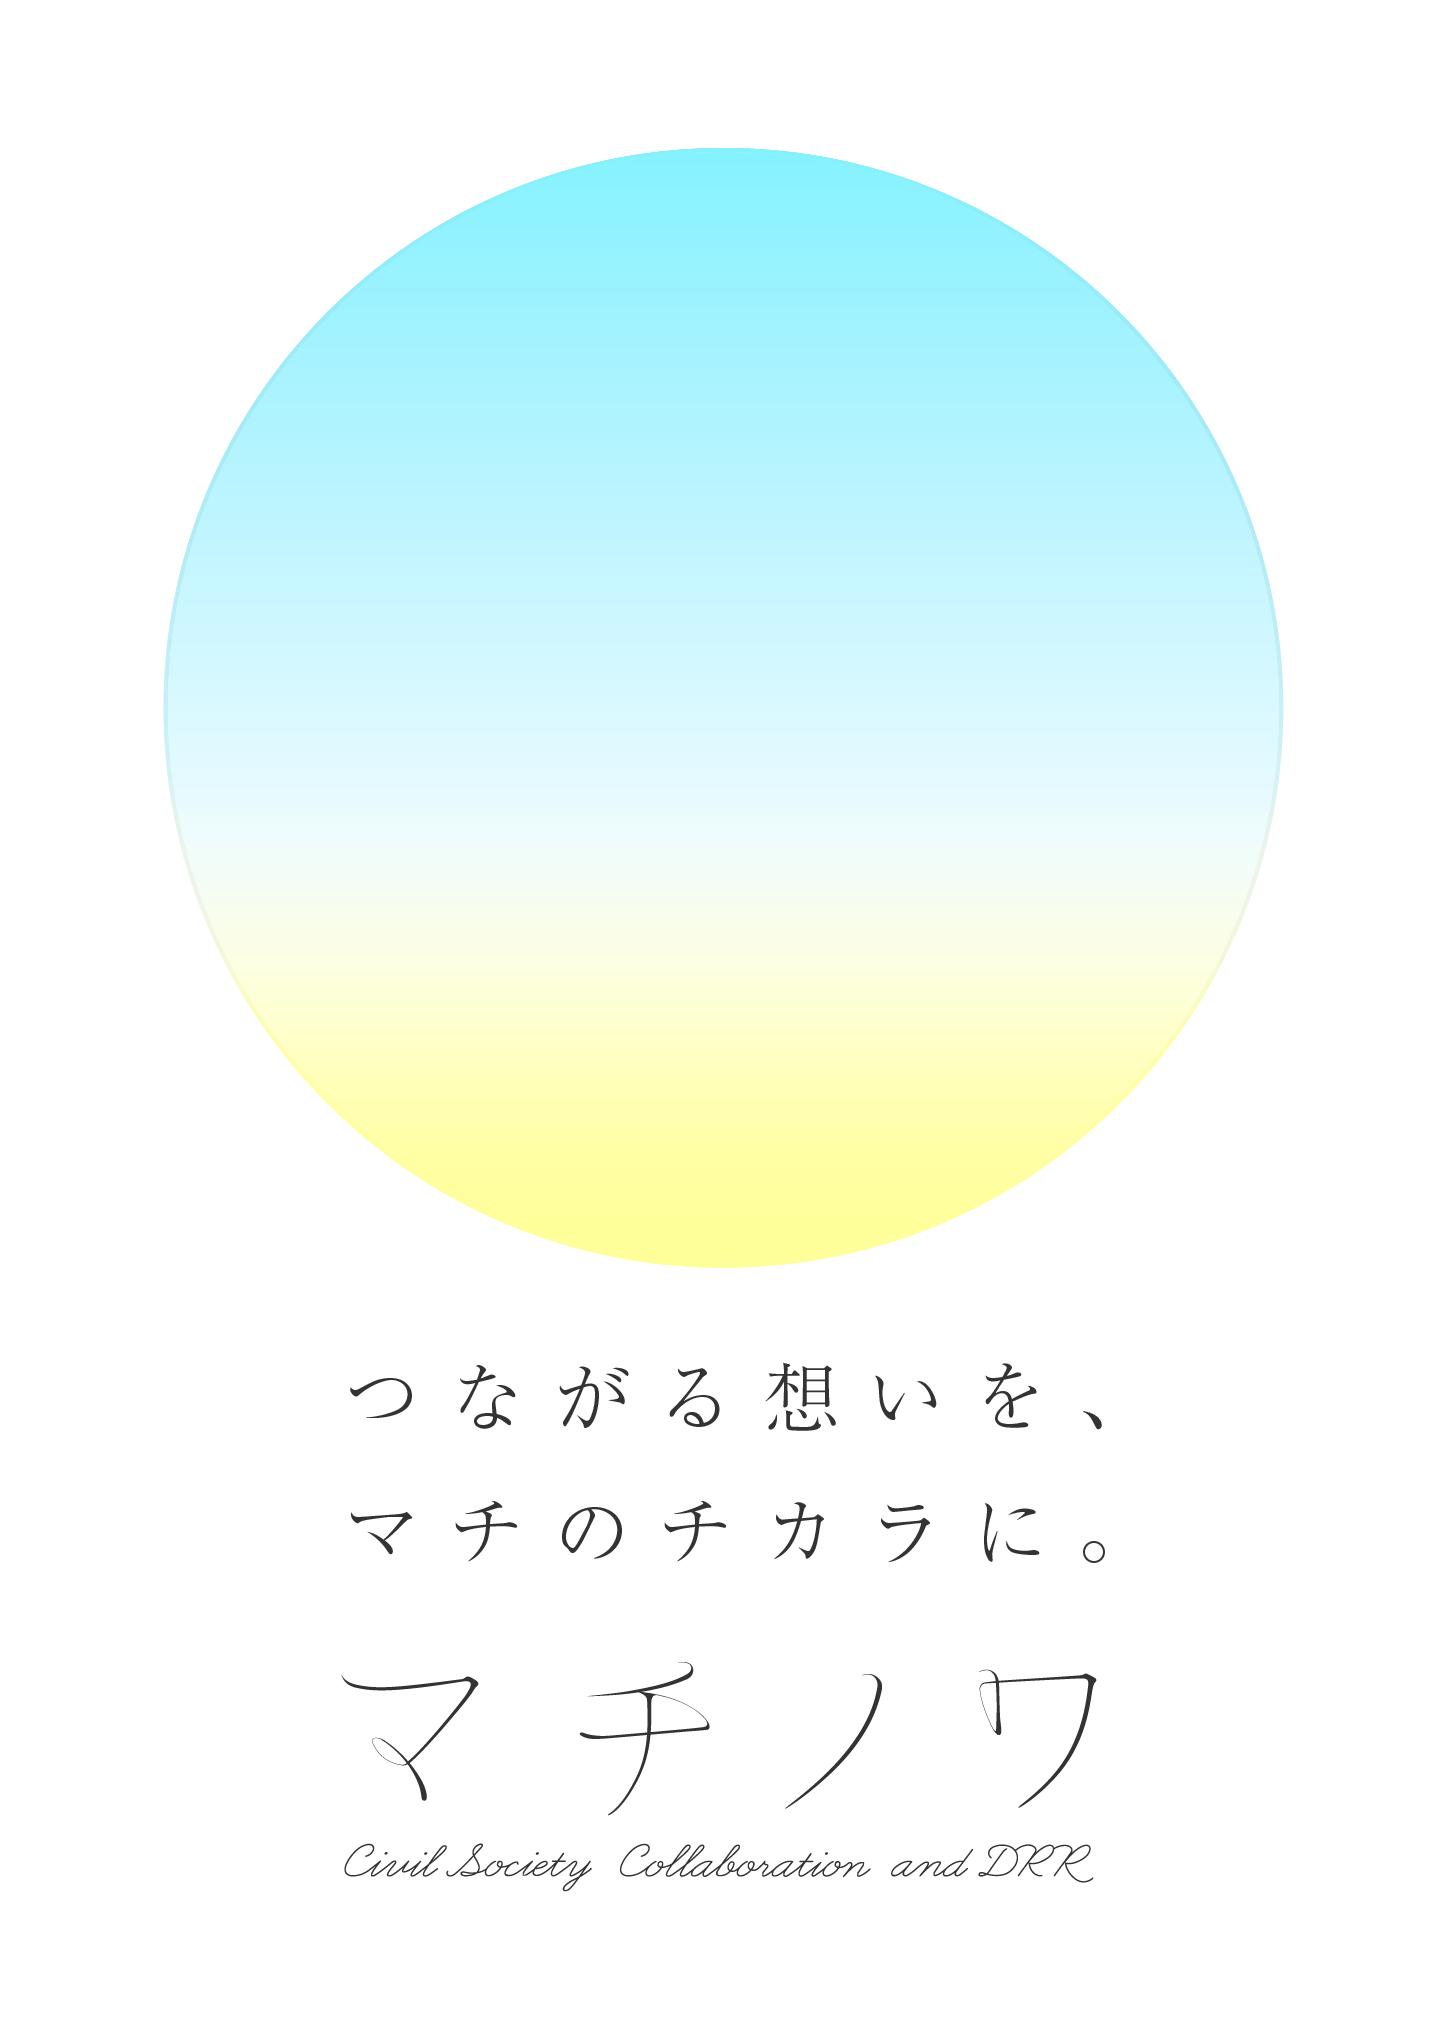 仙台防災未来フォーラム2016画像